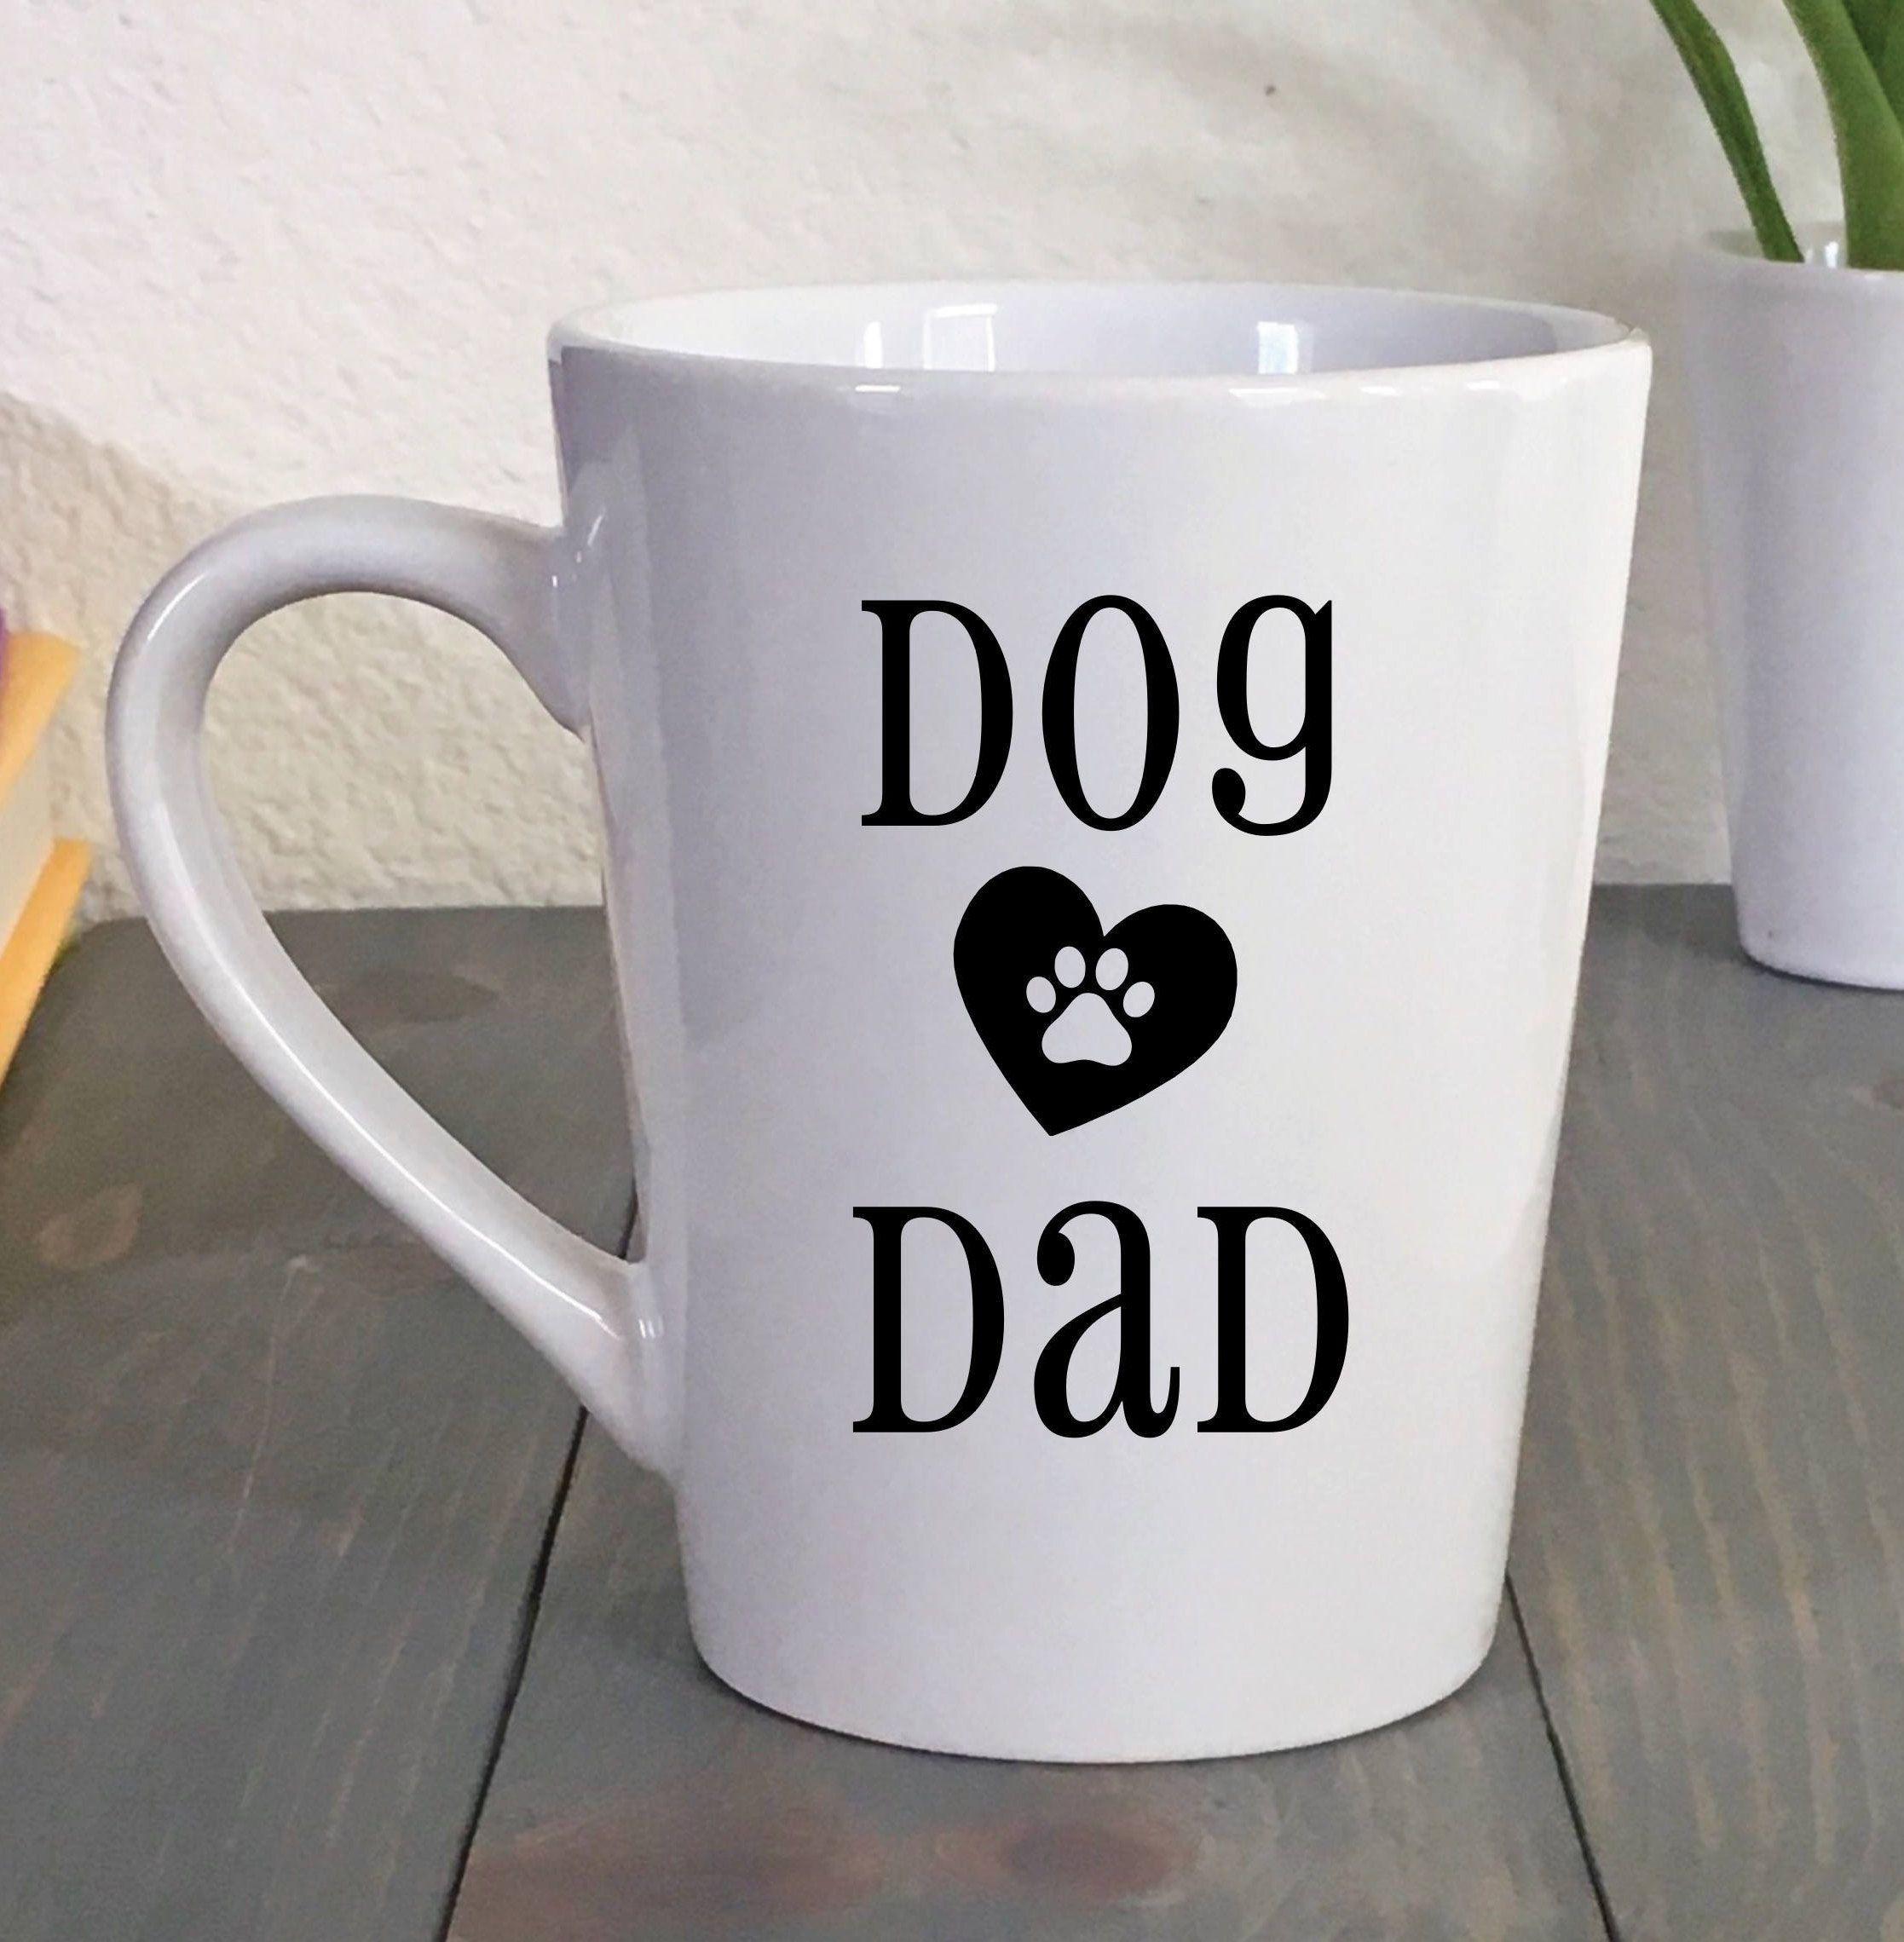 Dog dad mug fur dad coffee mug dog dad gift stocking